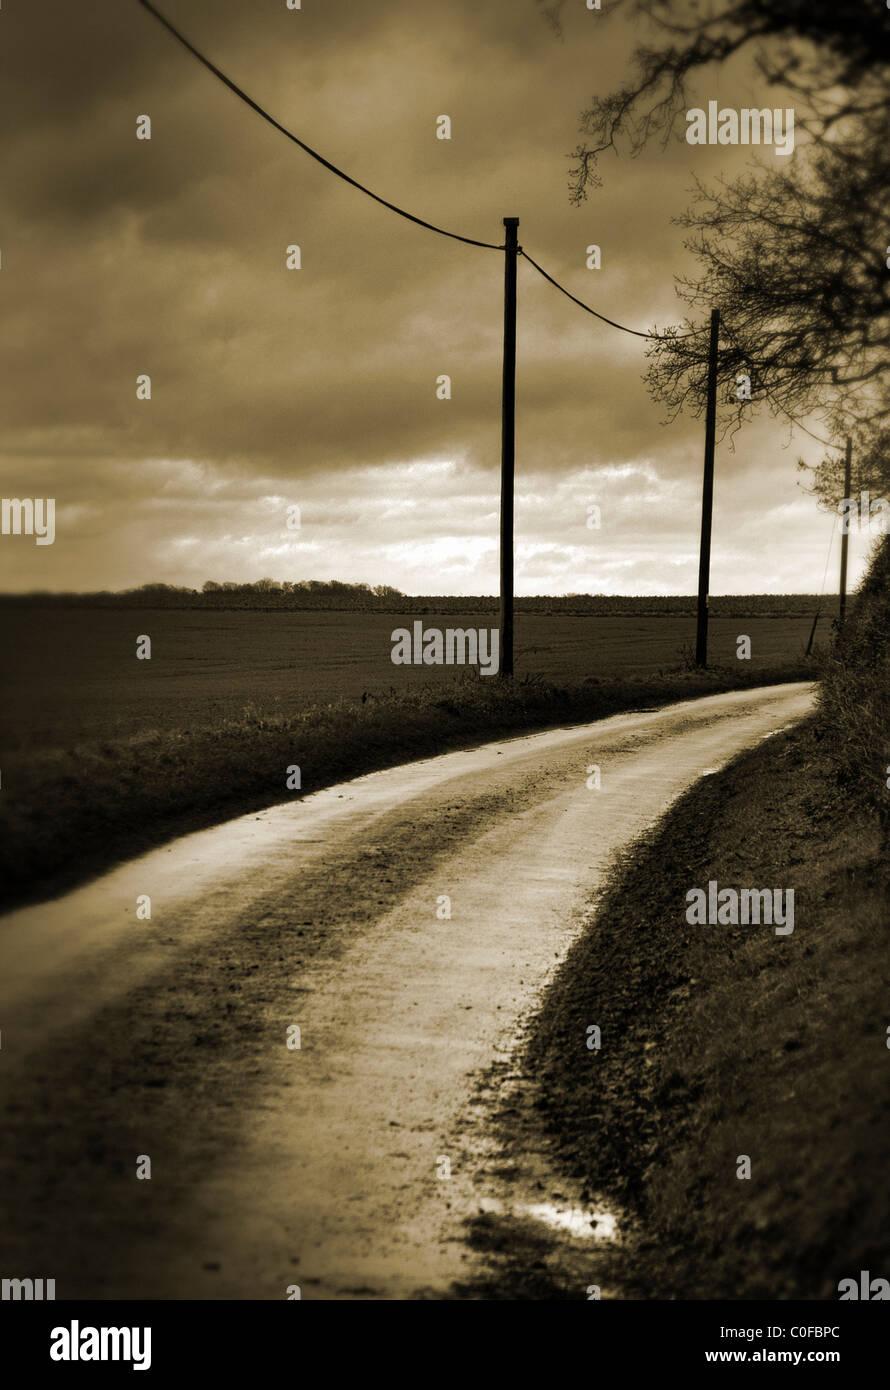 País por carretera vacía Imagen De Stock